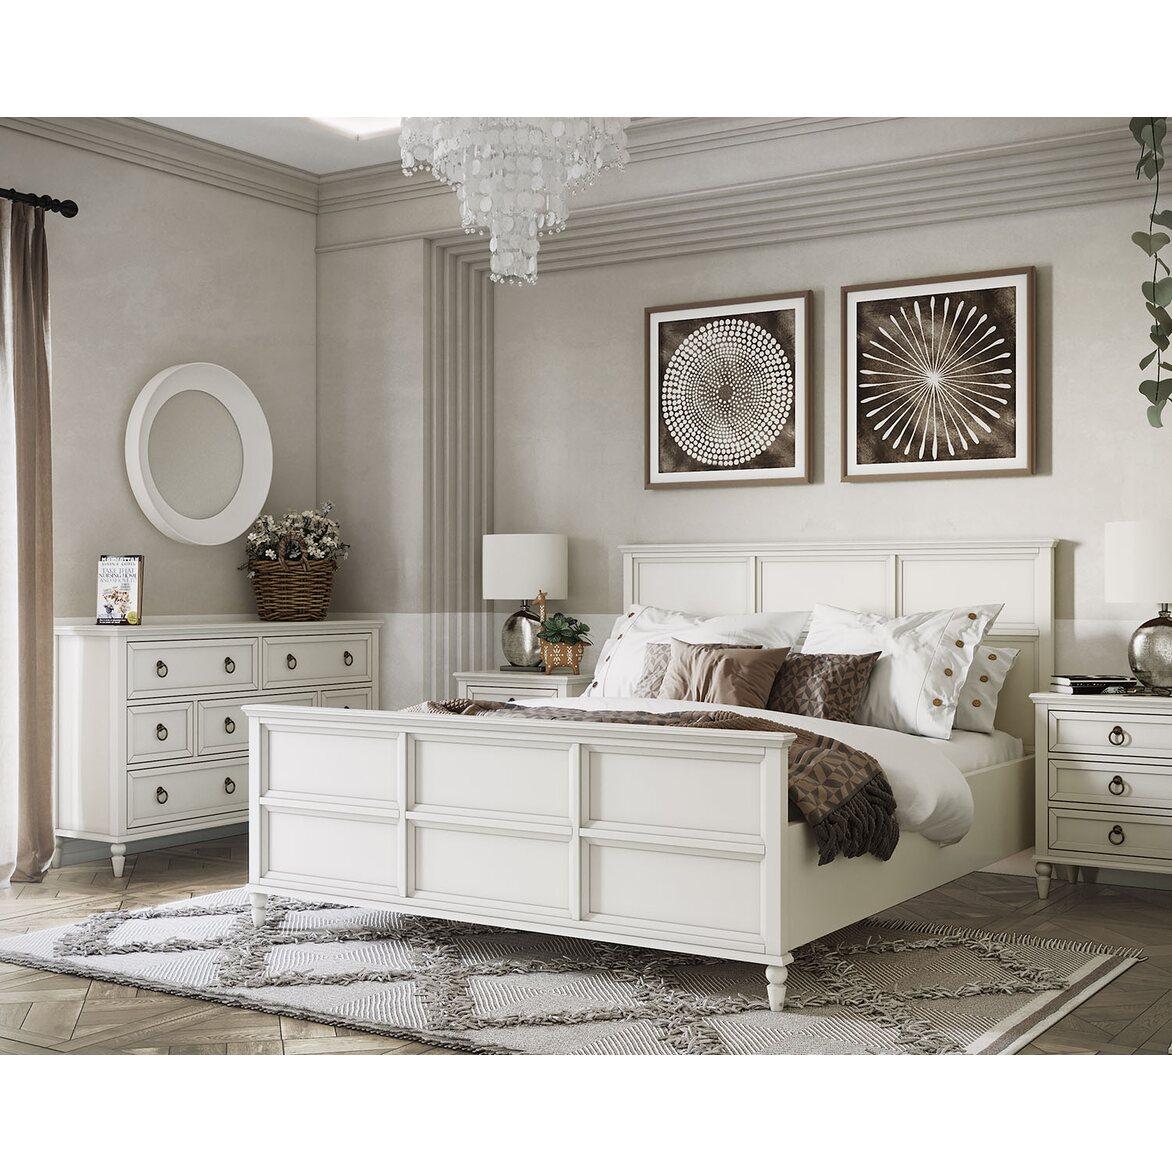 Письменный стол с ящиками Vilton 3 | Письменные столы Kingsby